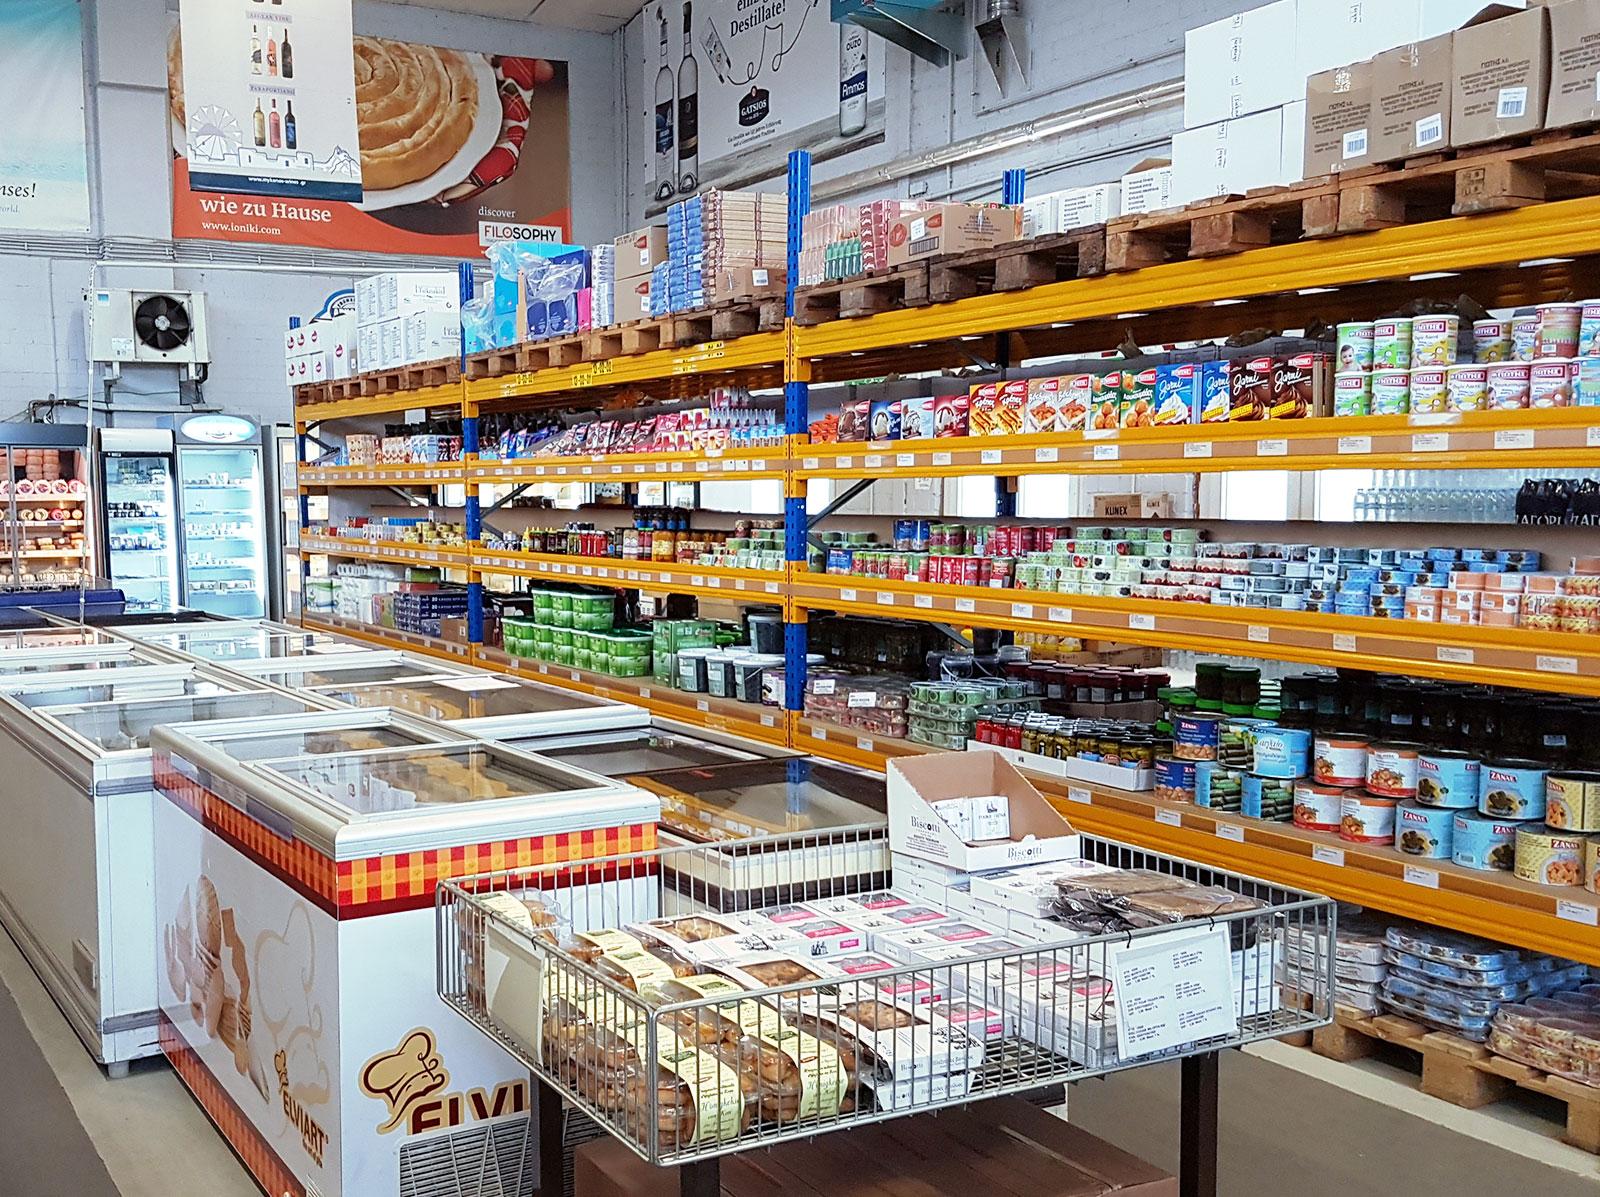 AEGEAN FOODS - Griechische und Mittelmeerfeinkost in Frankfurt